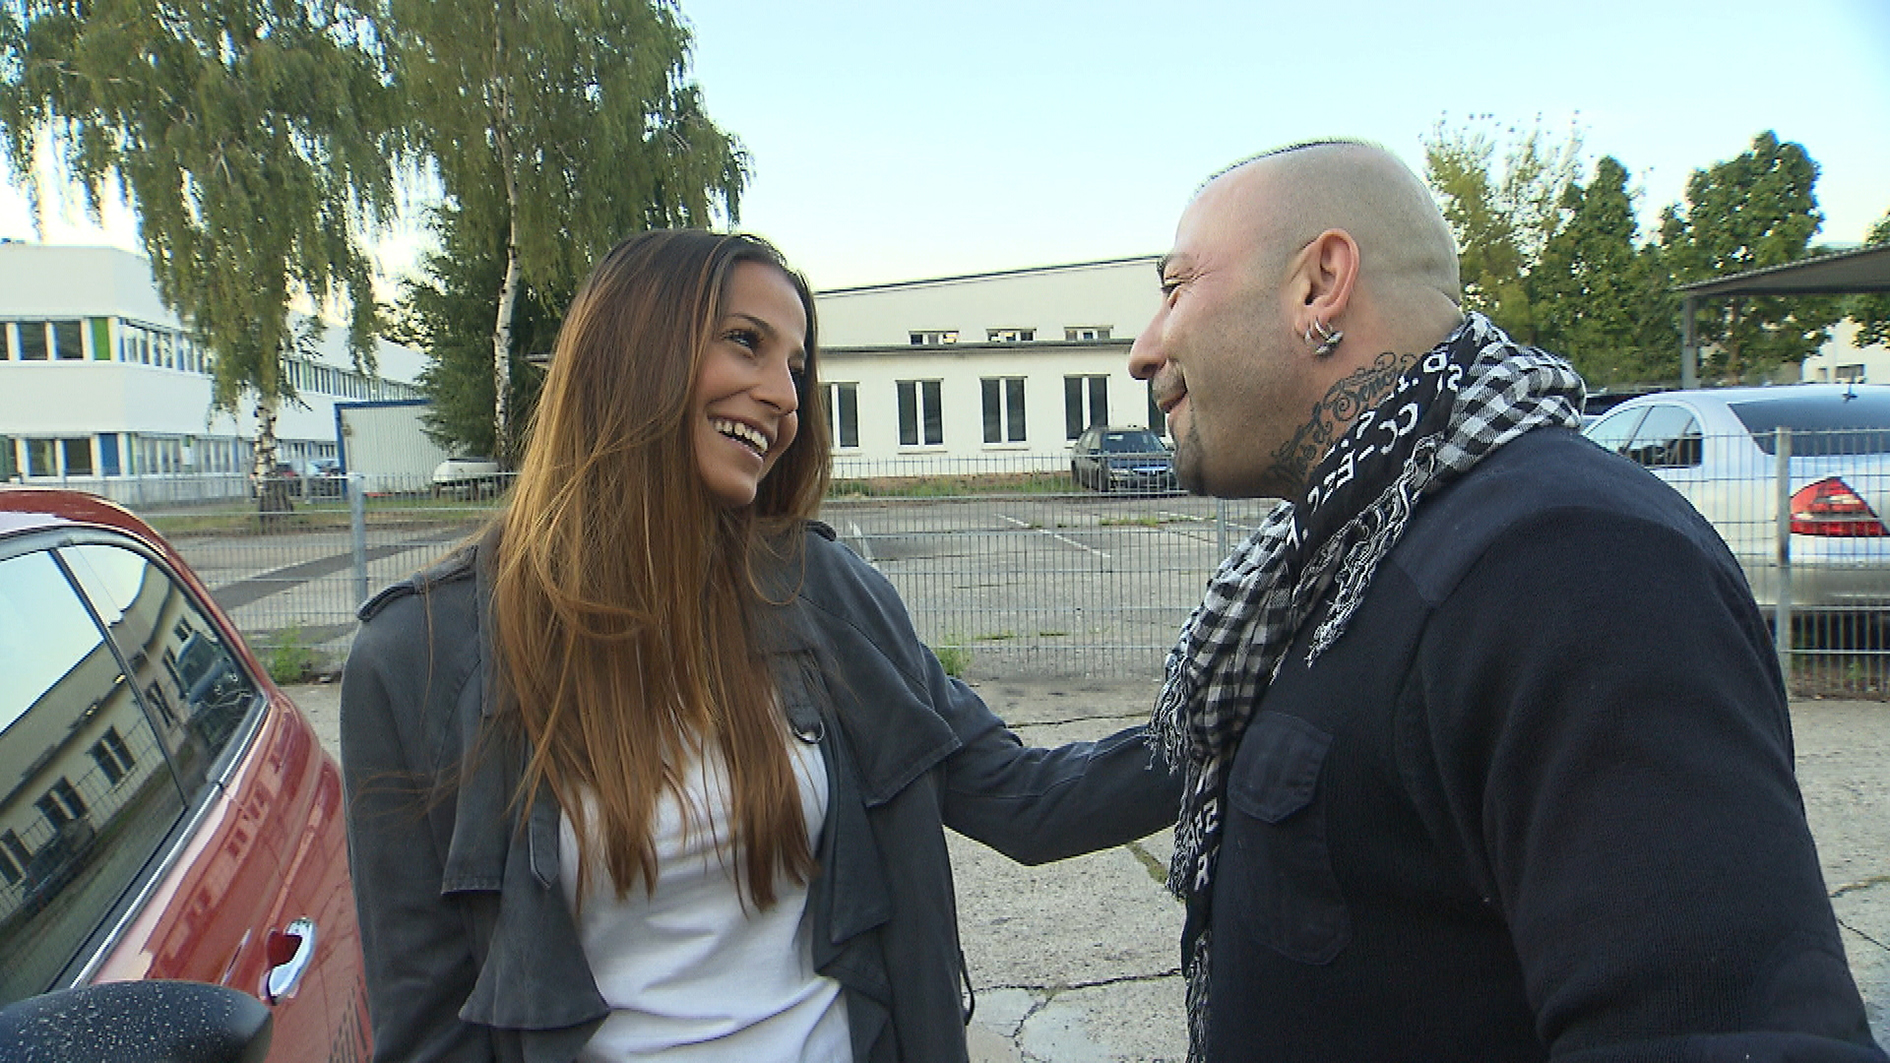 Fabrizio (re.) und Joe sind begeistert, als Alessia unverhofft in der Werkstatt auftaucht. Da sie am Mittag eine WG-Besichtigung hat, ergreift Fabrizio die Chance und bringt sie mit seinem Auto dorthin. (Quelle: RTL 2)